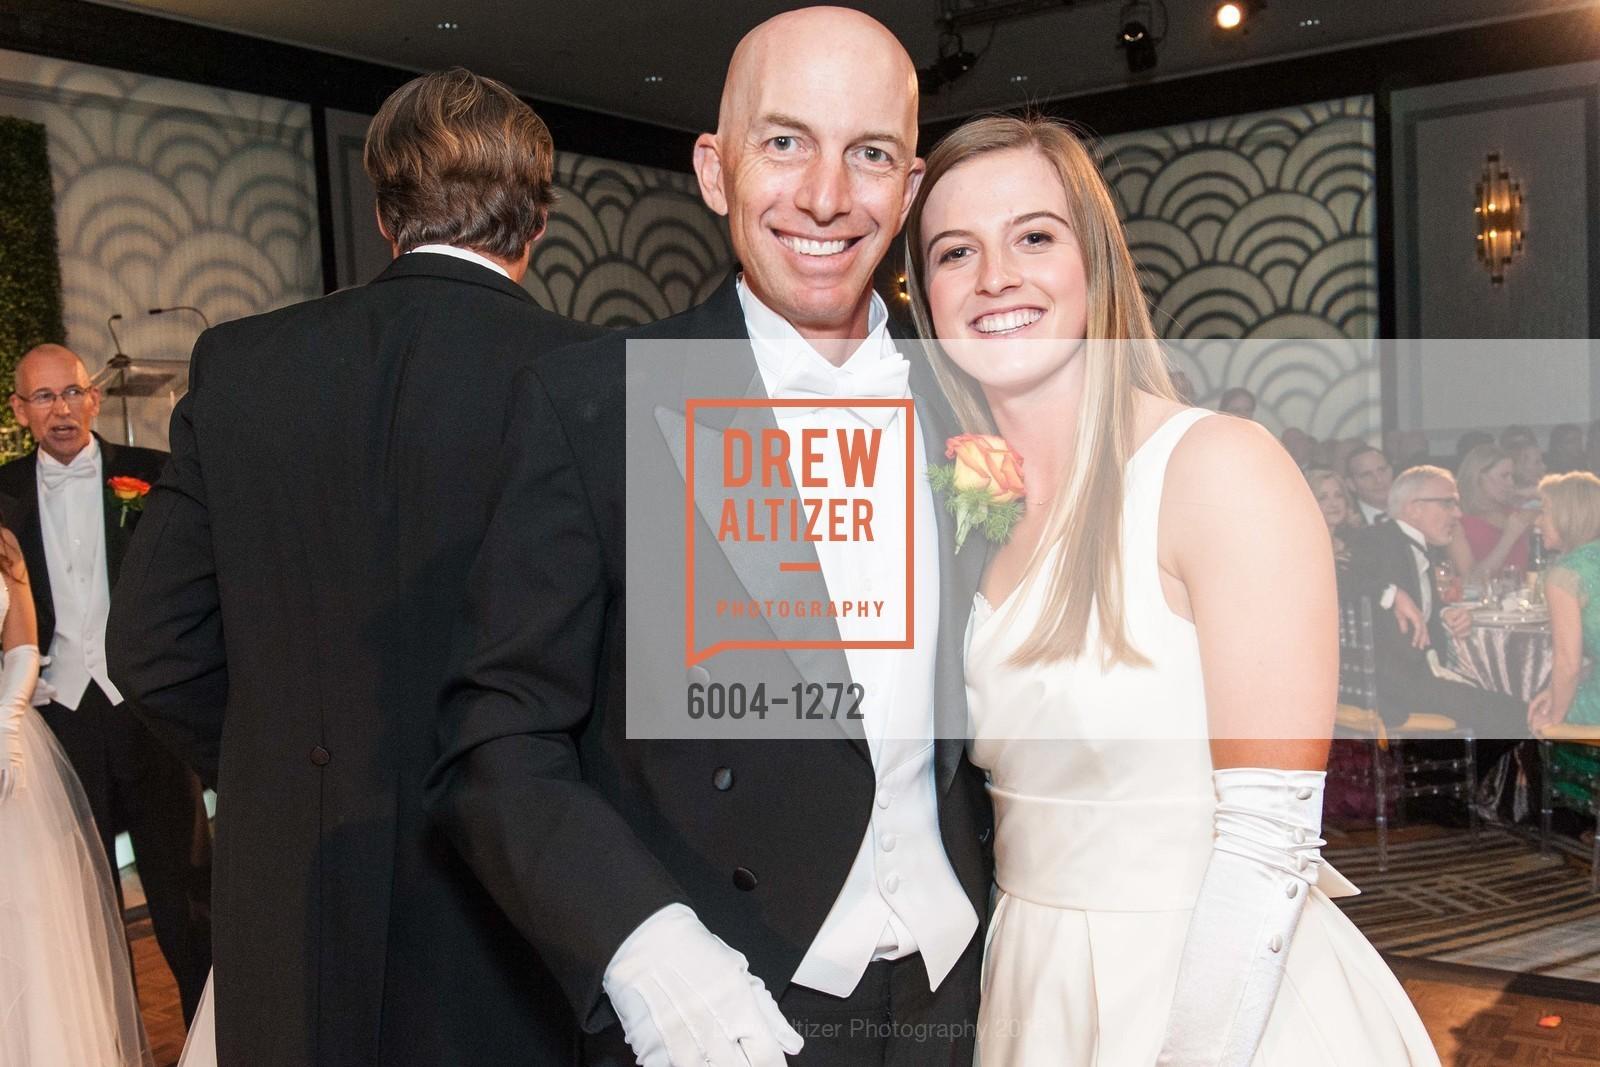 Ned Klingelhofer, Samantha Klingelhofer, Photo #6004-1272